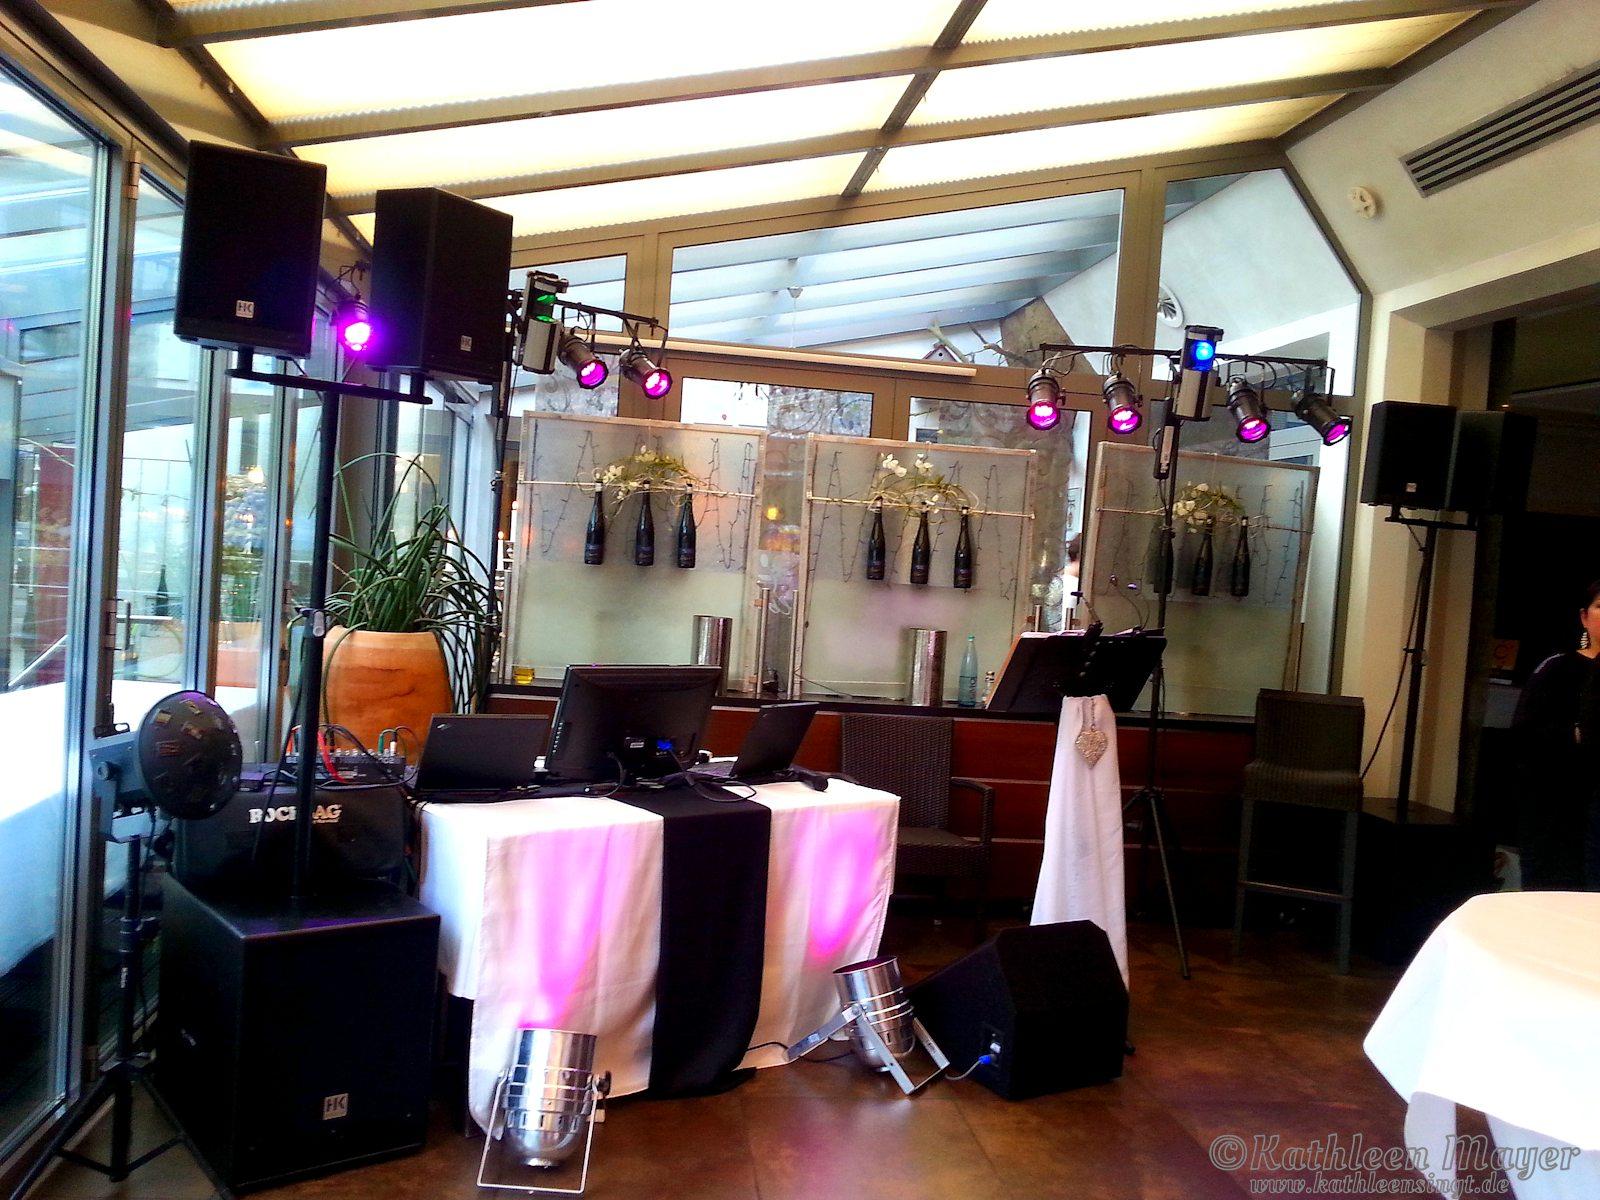 Geburtstagsfeier parkhotel albrecht v lklingen die for Design hotel niedersachsen